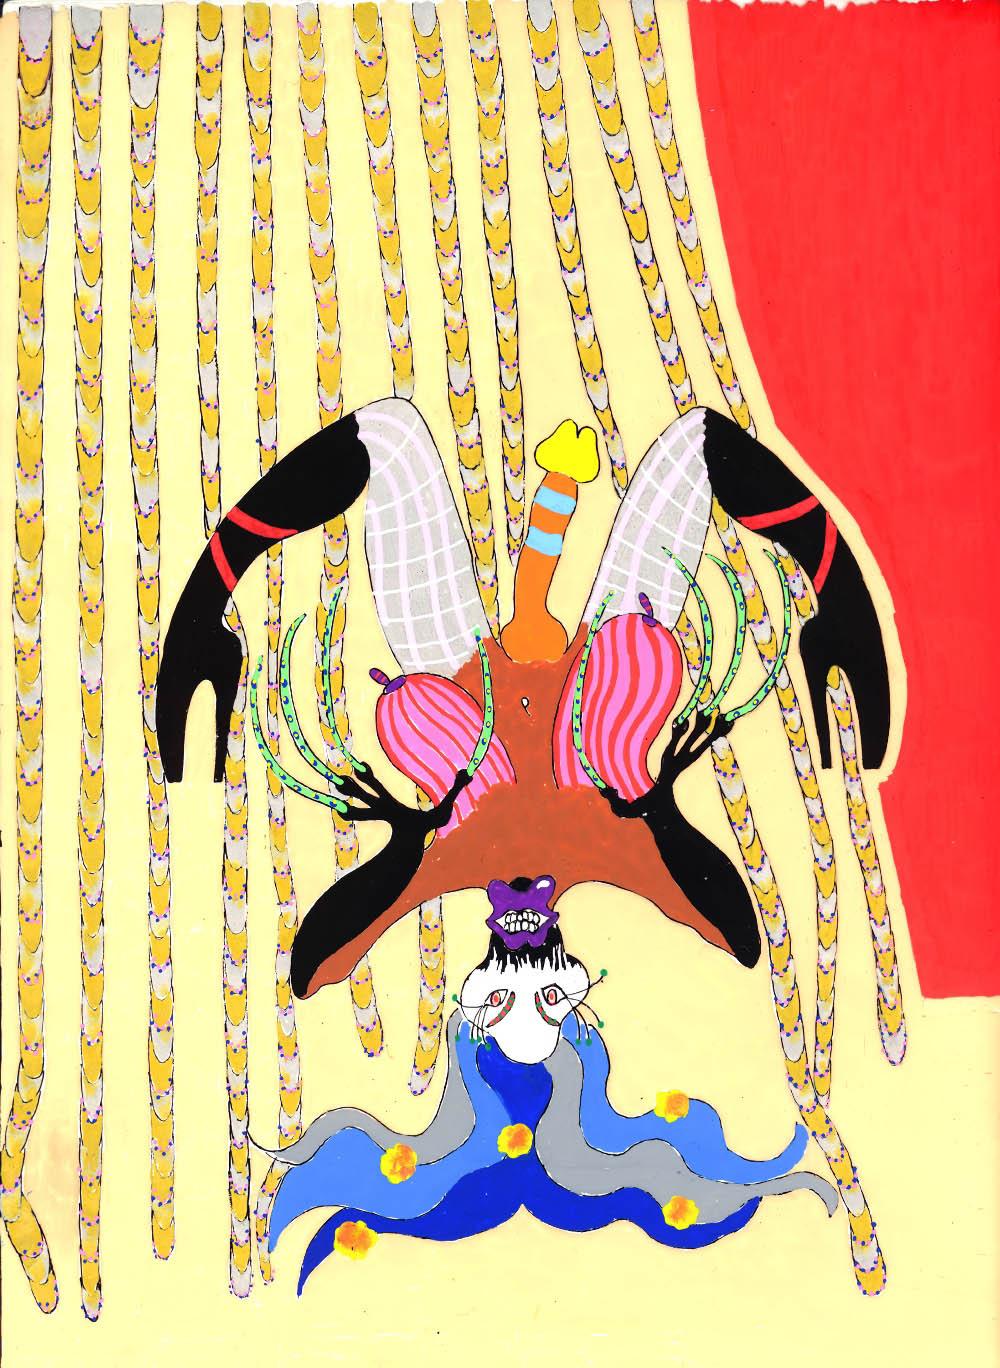 Trans Sado Maso renversé au rideau doré et argenté 2010, Acetate drawing, 30,5 x 38,5 cm   — Galerie Éric Hussenot, Paris